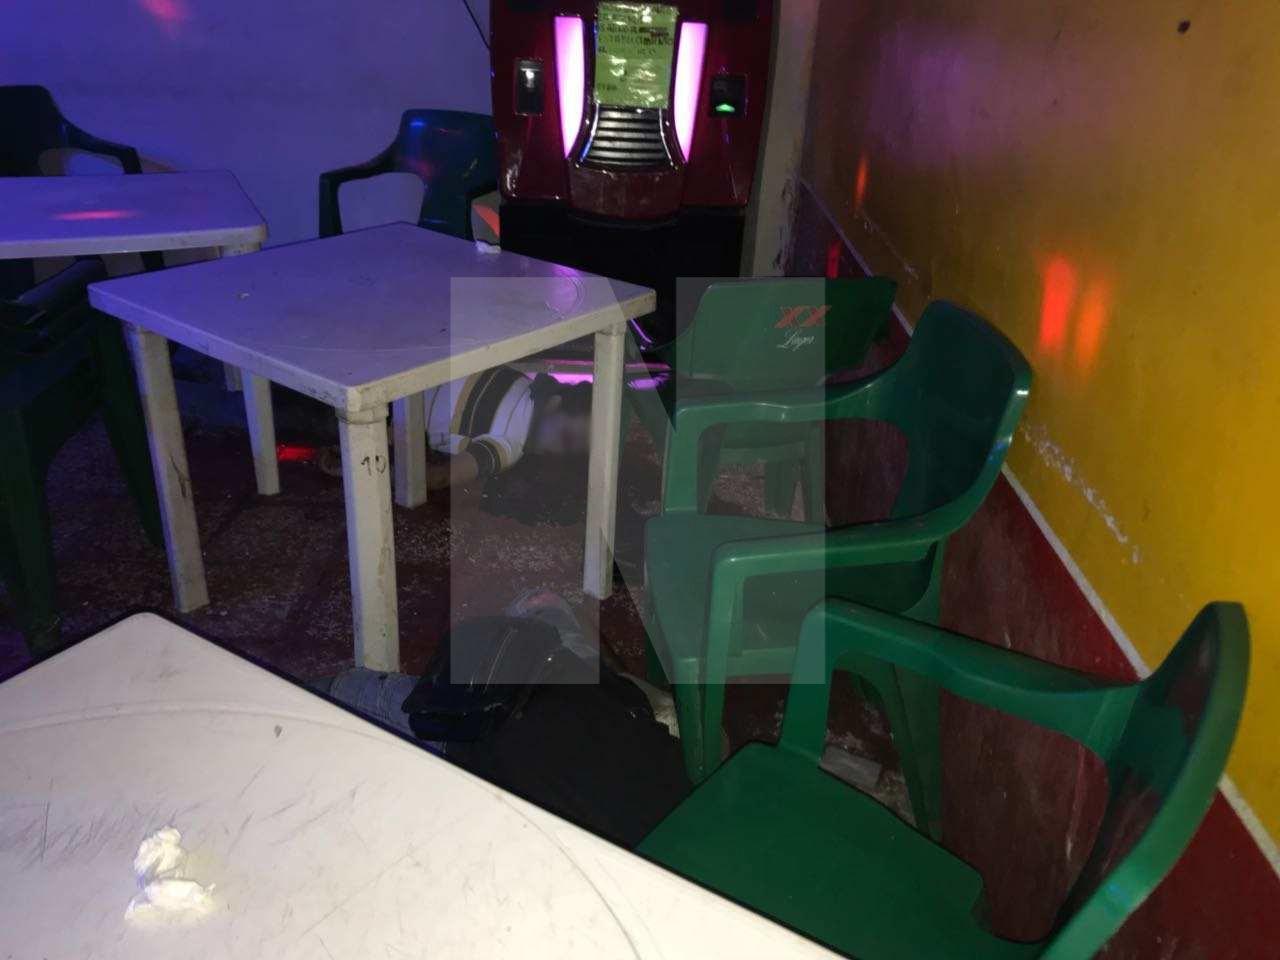 Ejecutan a dos y lesionan a varios en un bar de Cancún